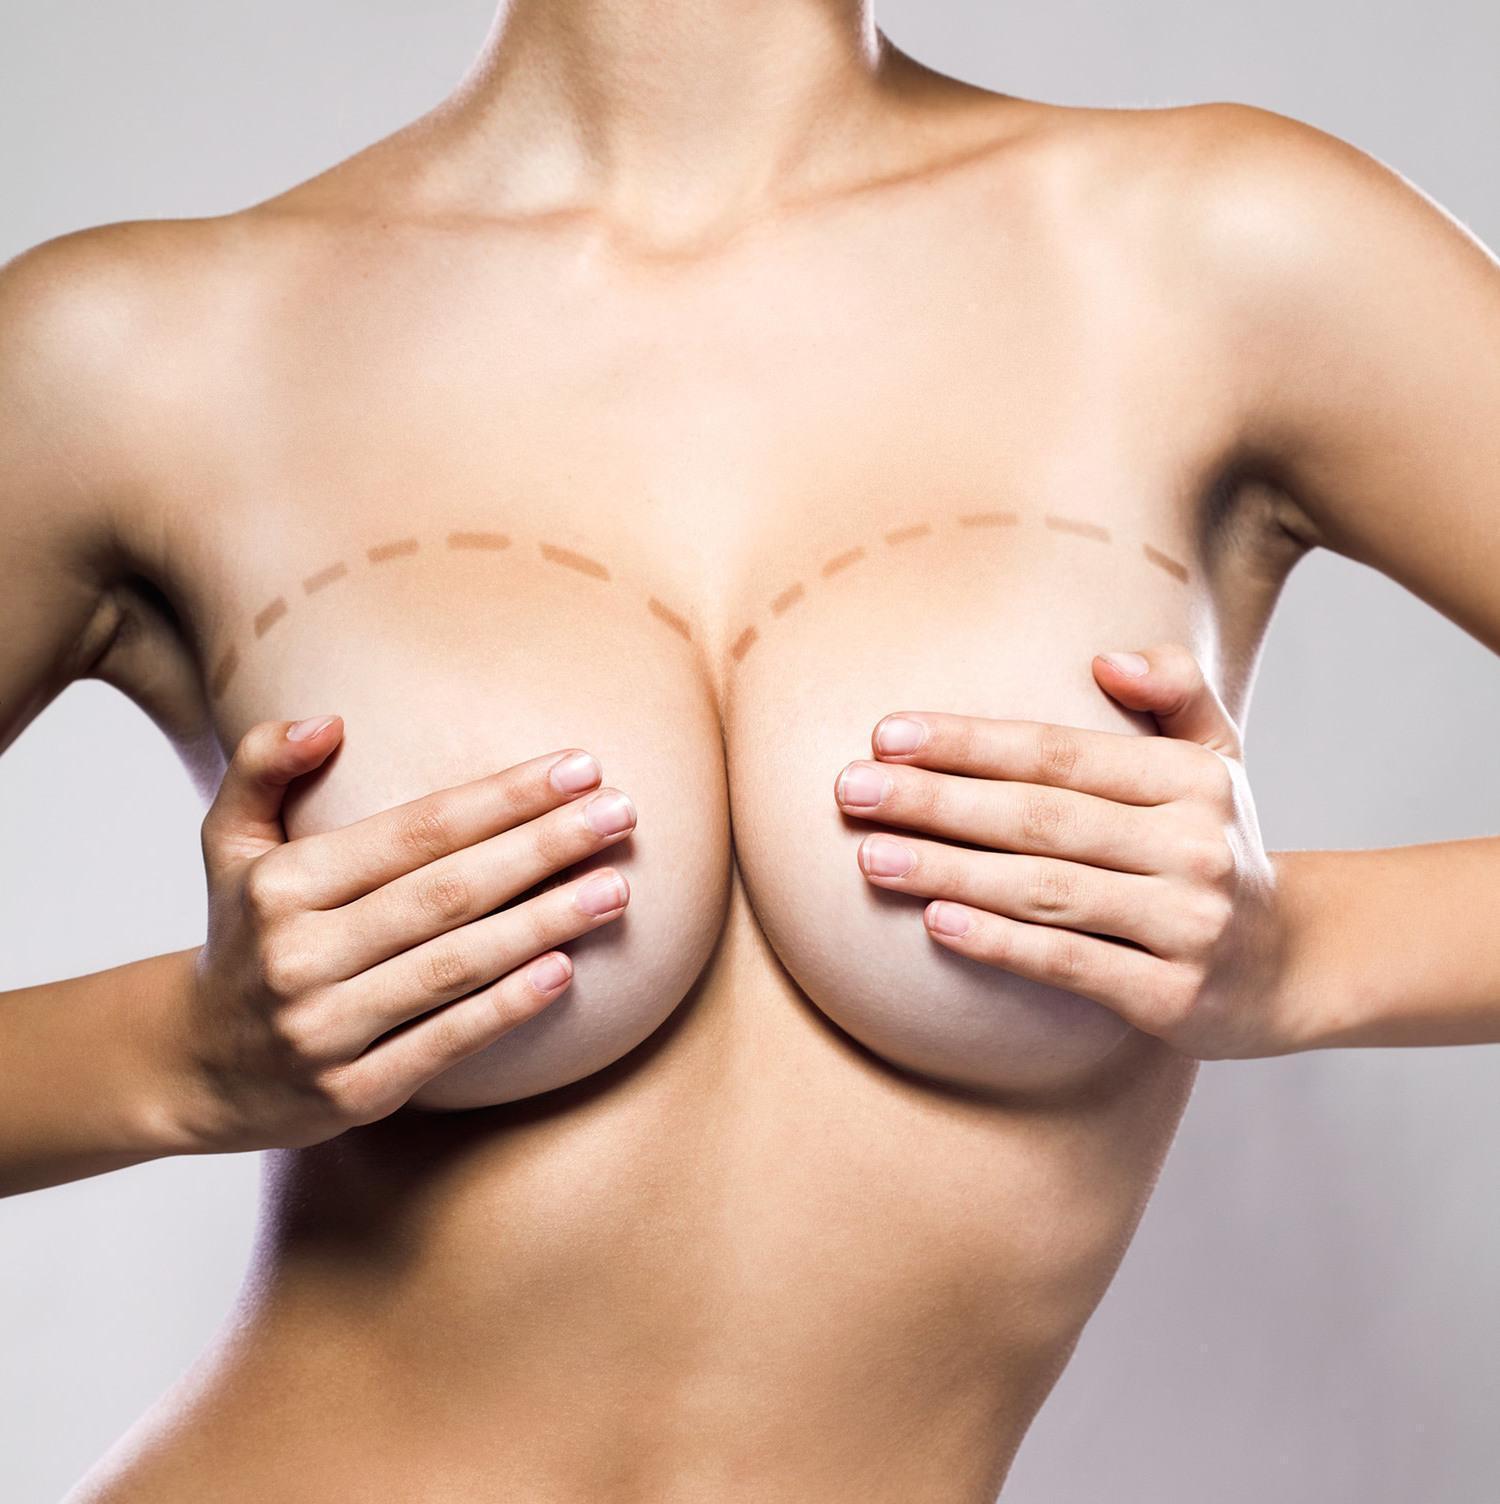 Como Evitar Ondulações Após Implante de Silicone nos Seios